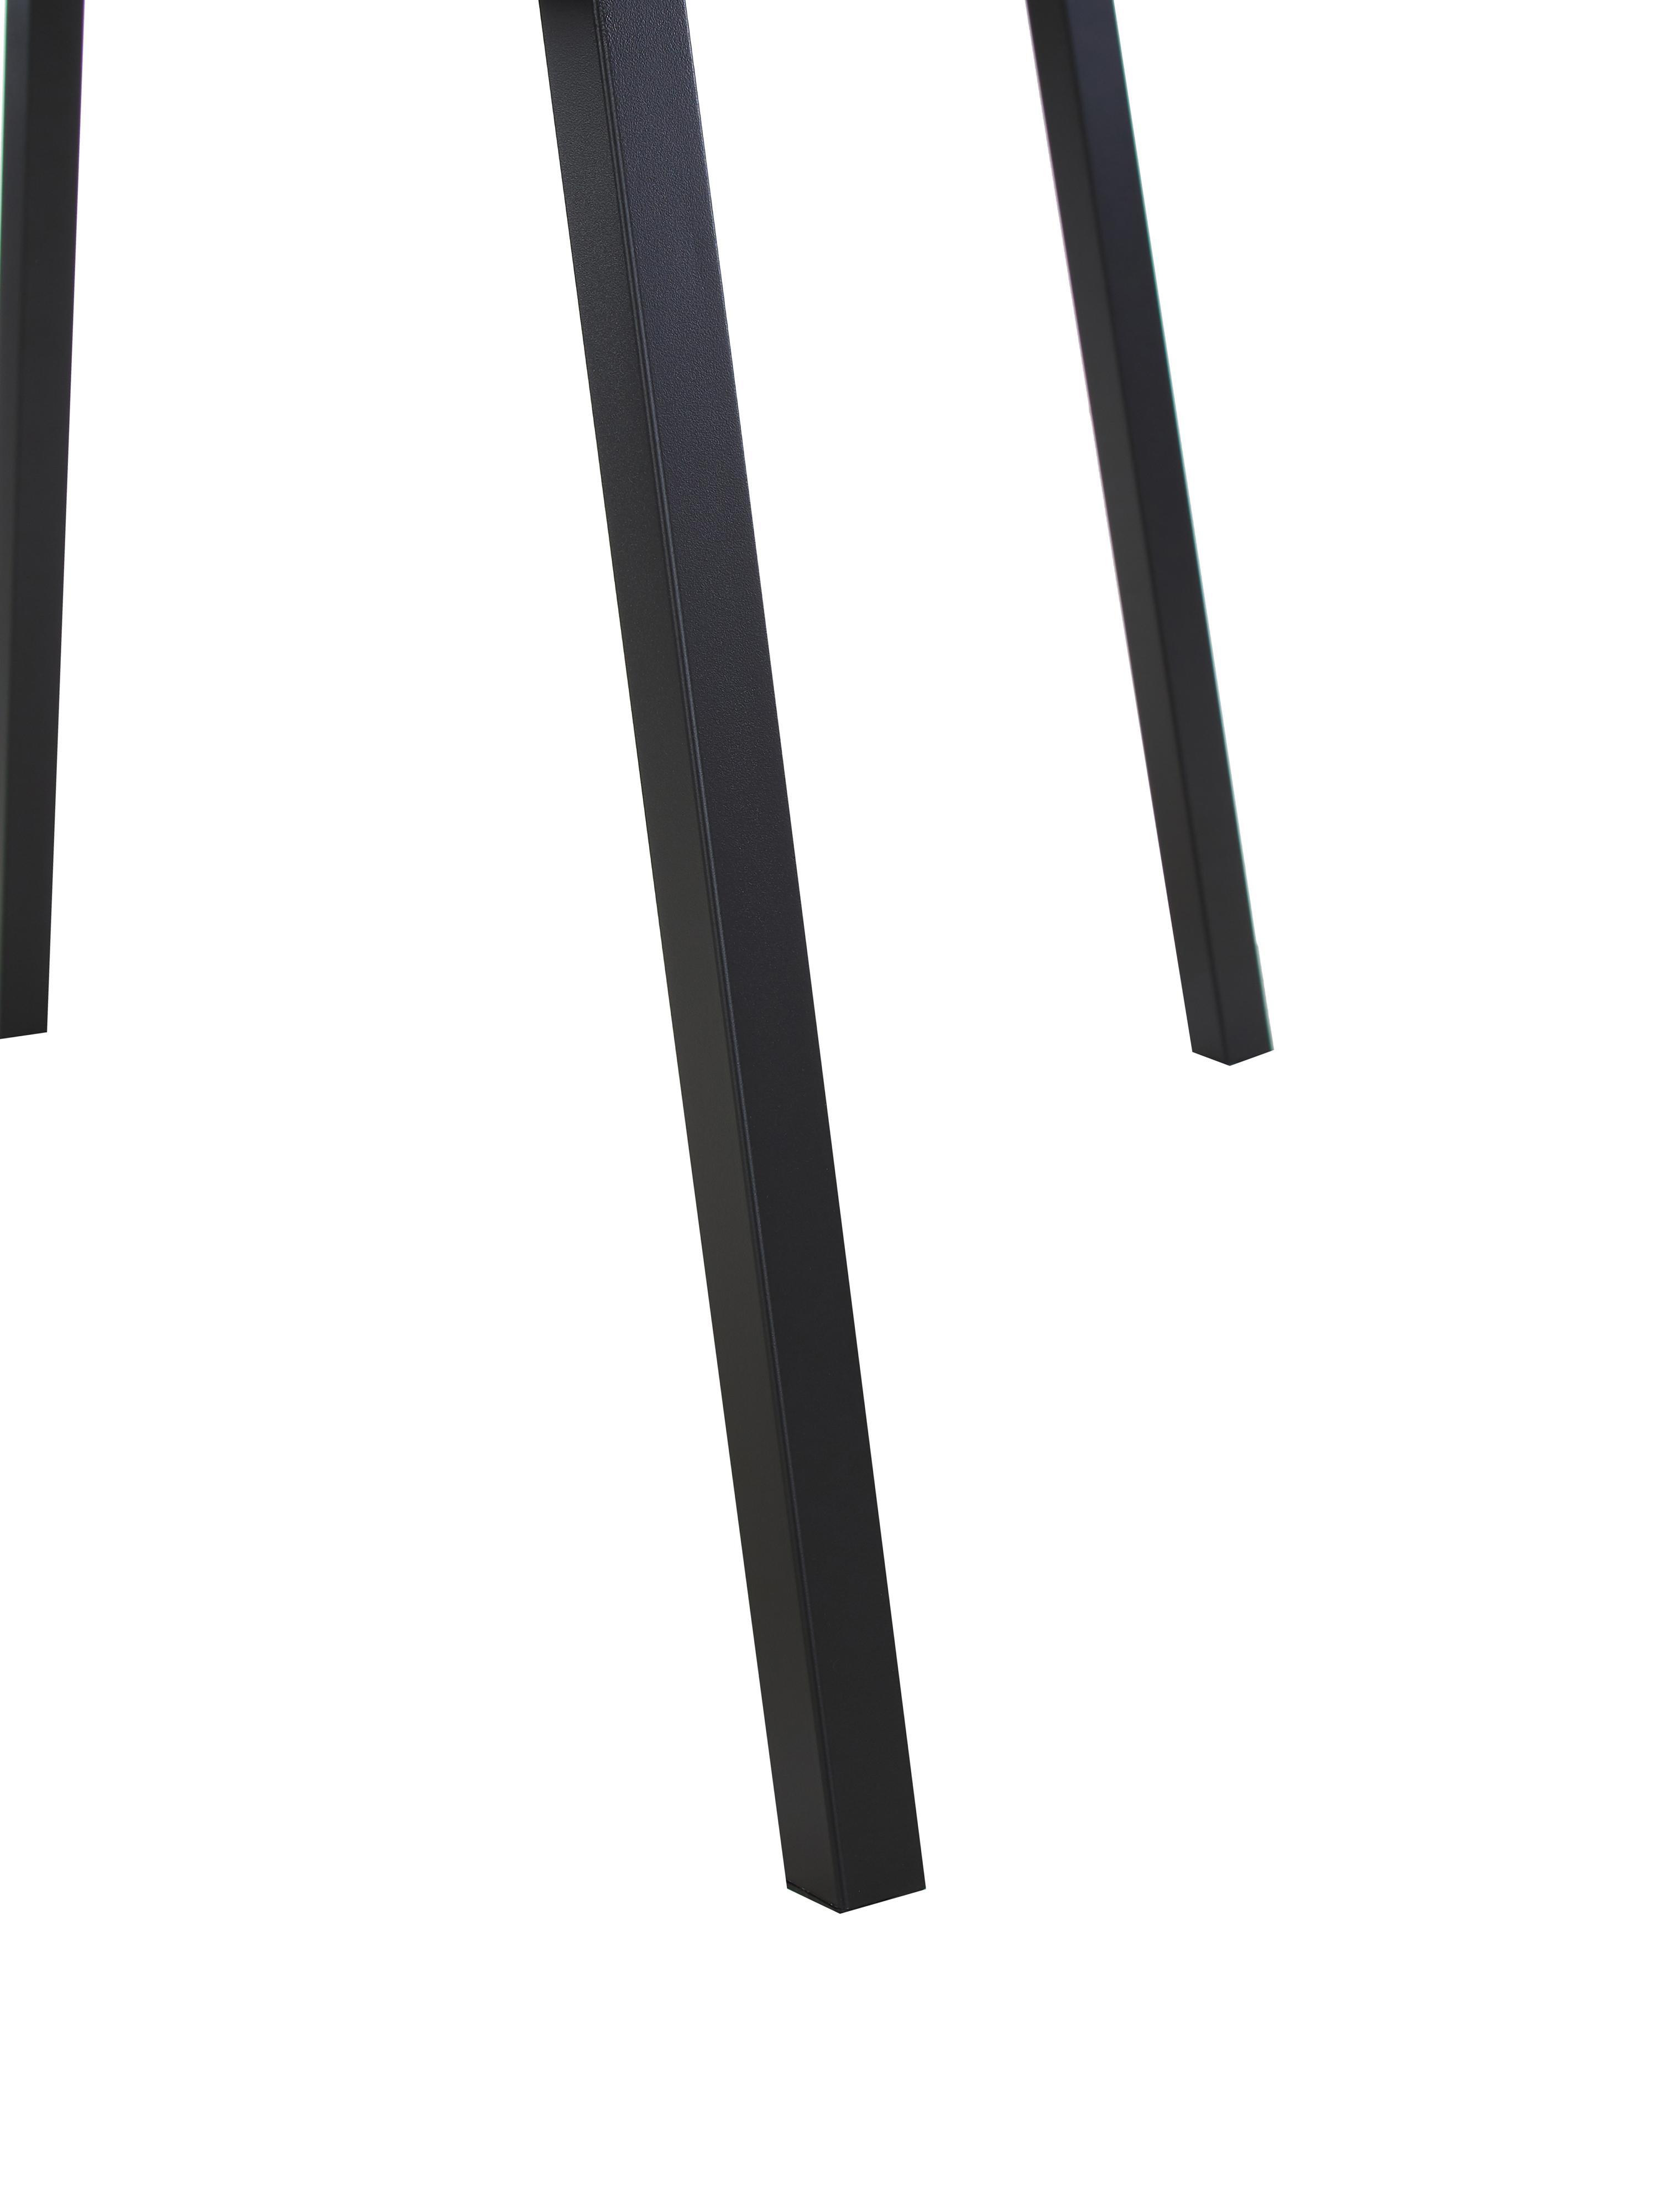 Esstisch Cenny mit Tischplatte in Eichenholz-Optik, Tischplatte: Mitteldichte Holzfaserpla, Gestell: Metall, pulverbeschichtet, Eichenholz, Schwarz, B 160 x T 90 cm